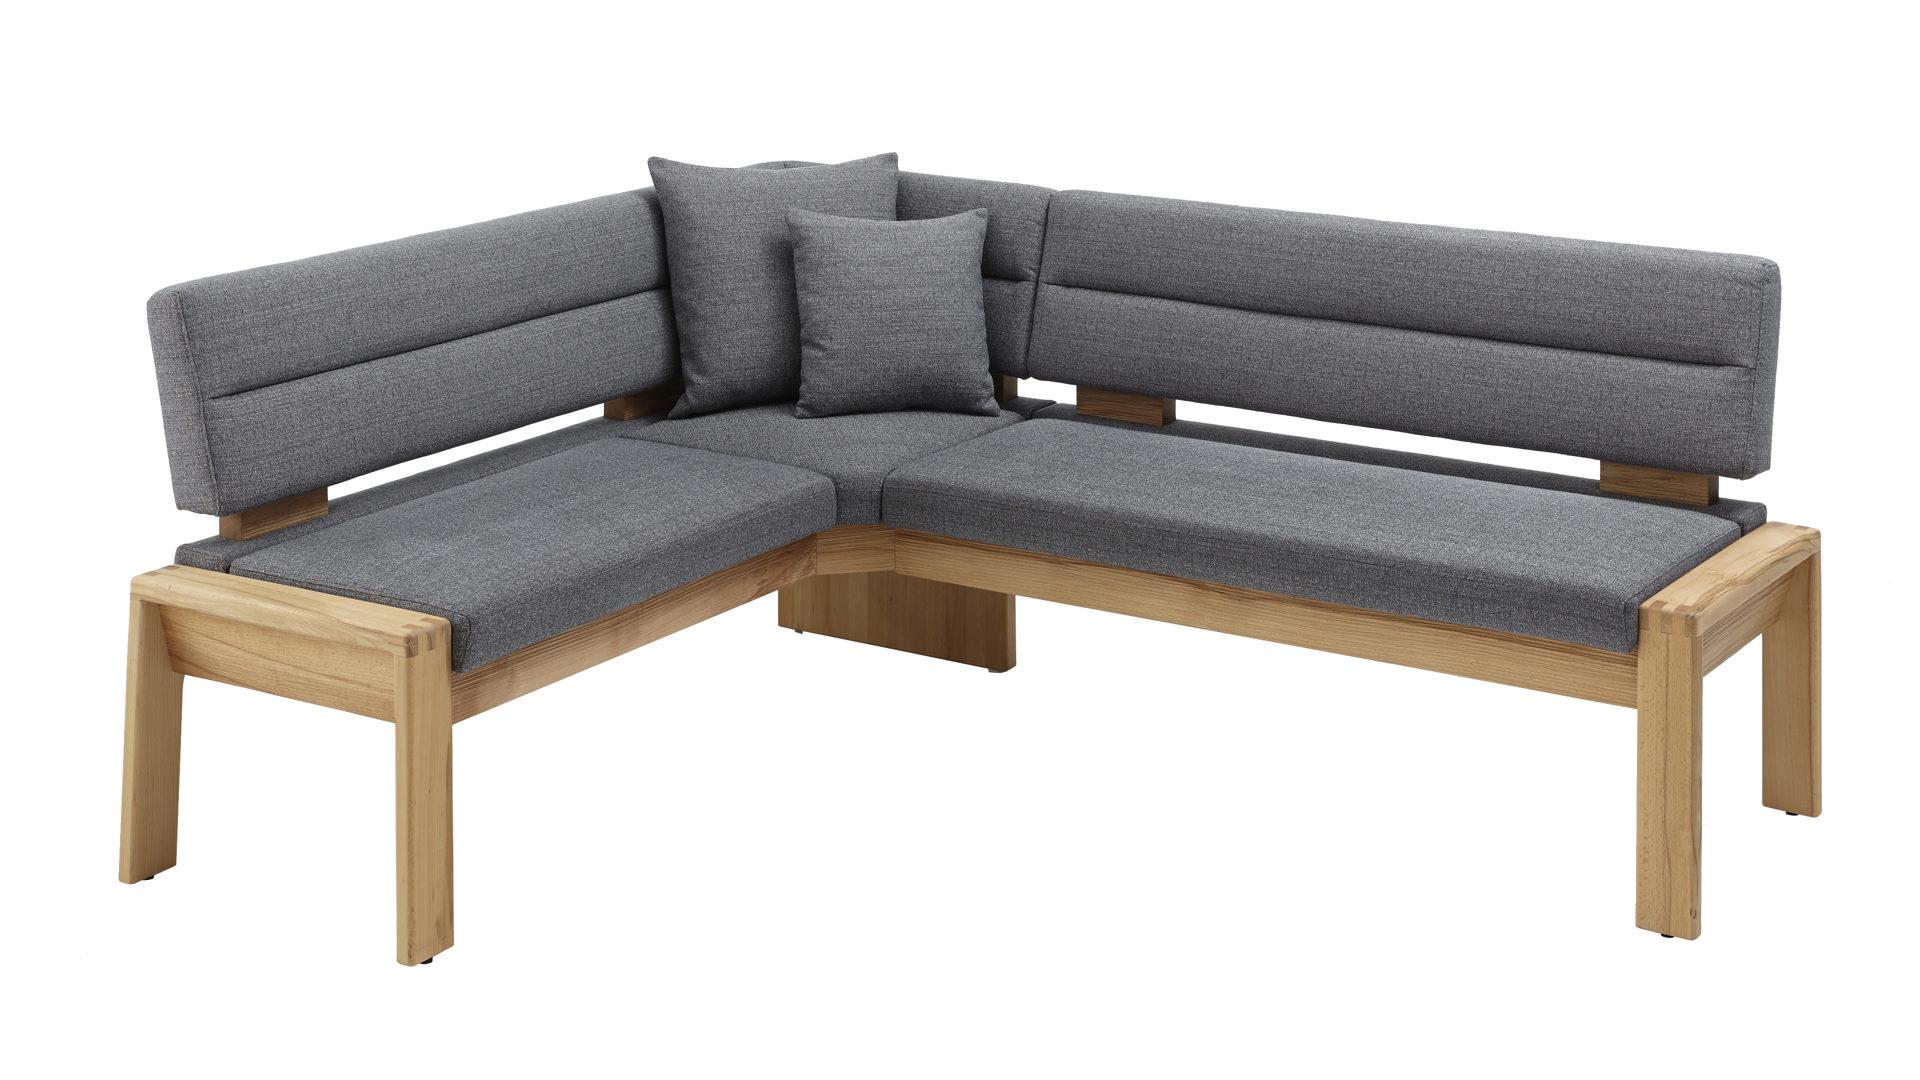 Möbel Boer Coesfeld | Möbel A-z | Stühle + Bänke | Eckbänke ... Eckbank Modern Anthrazit